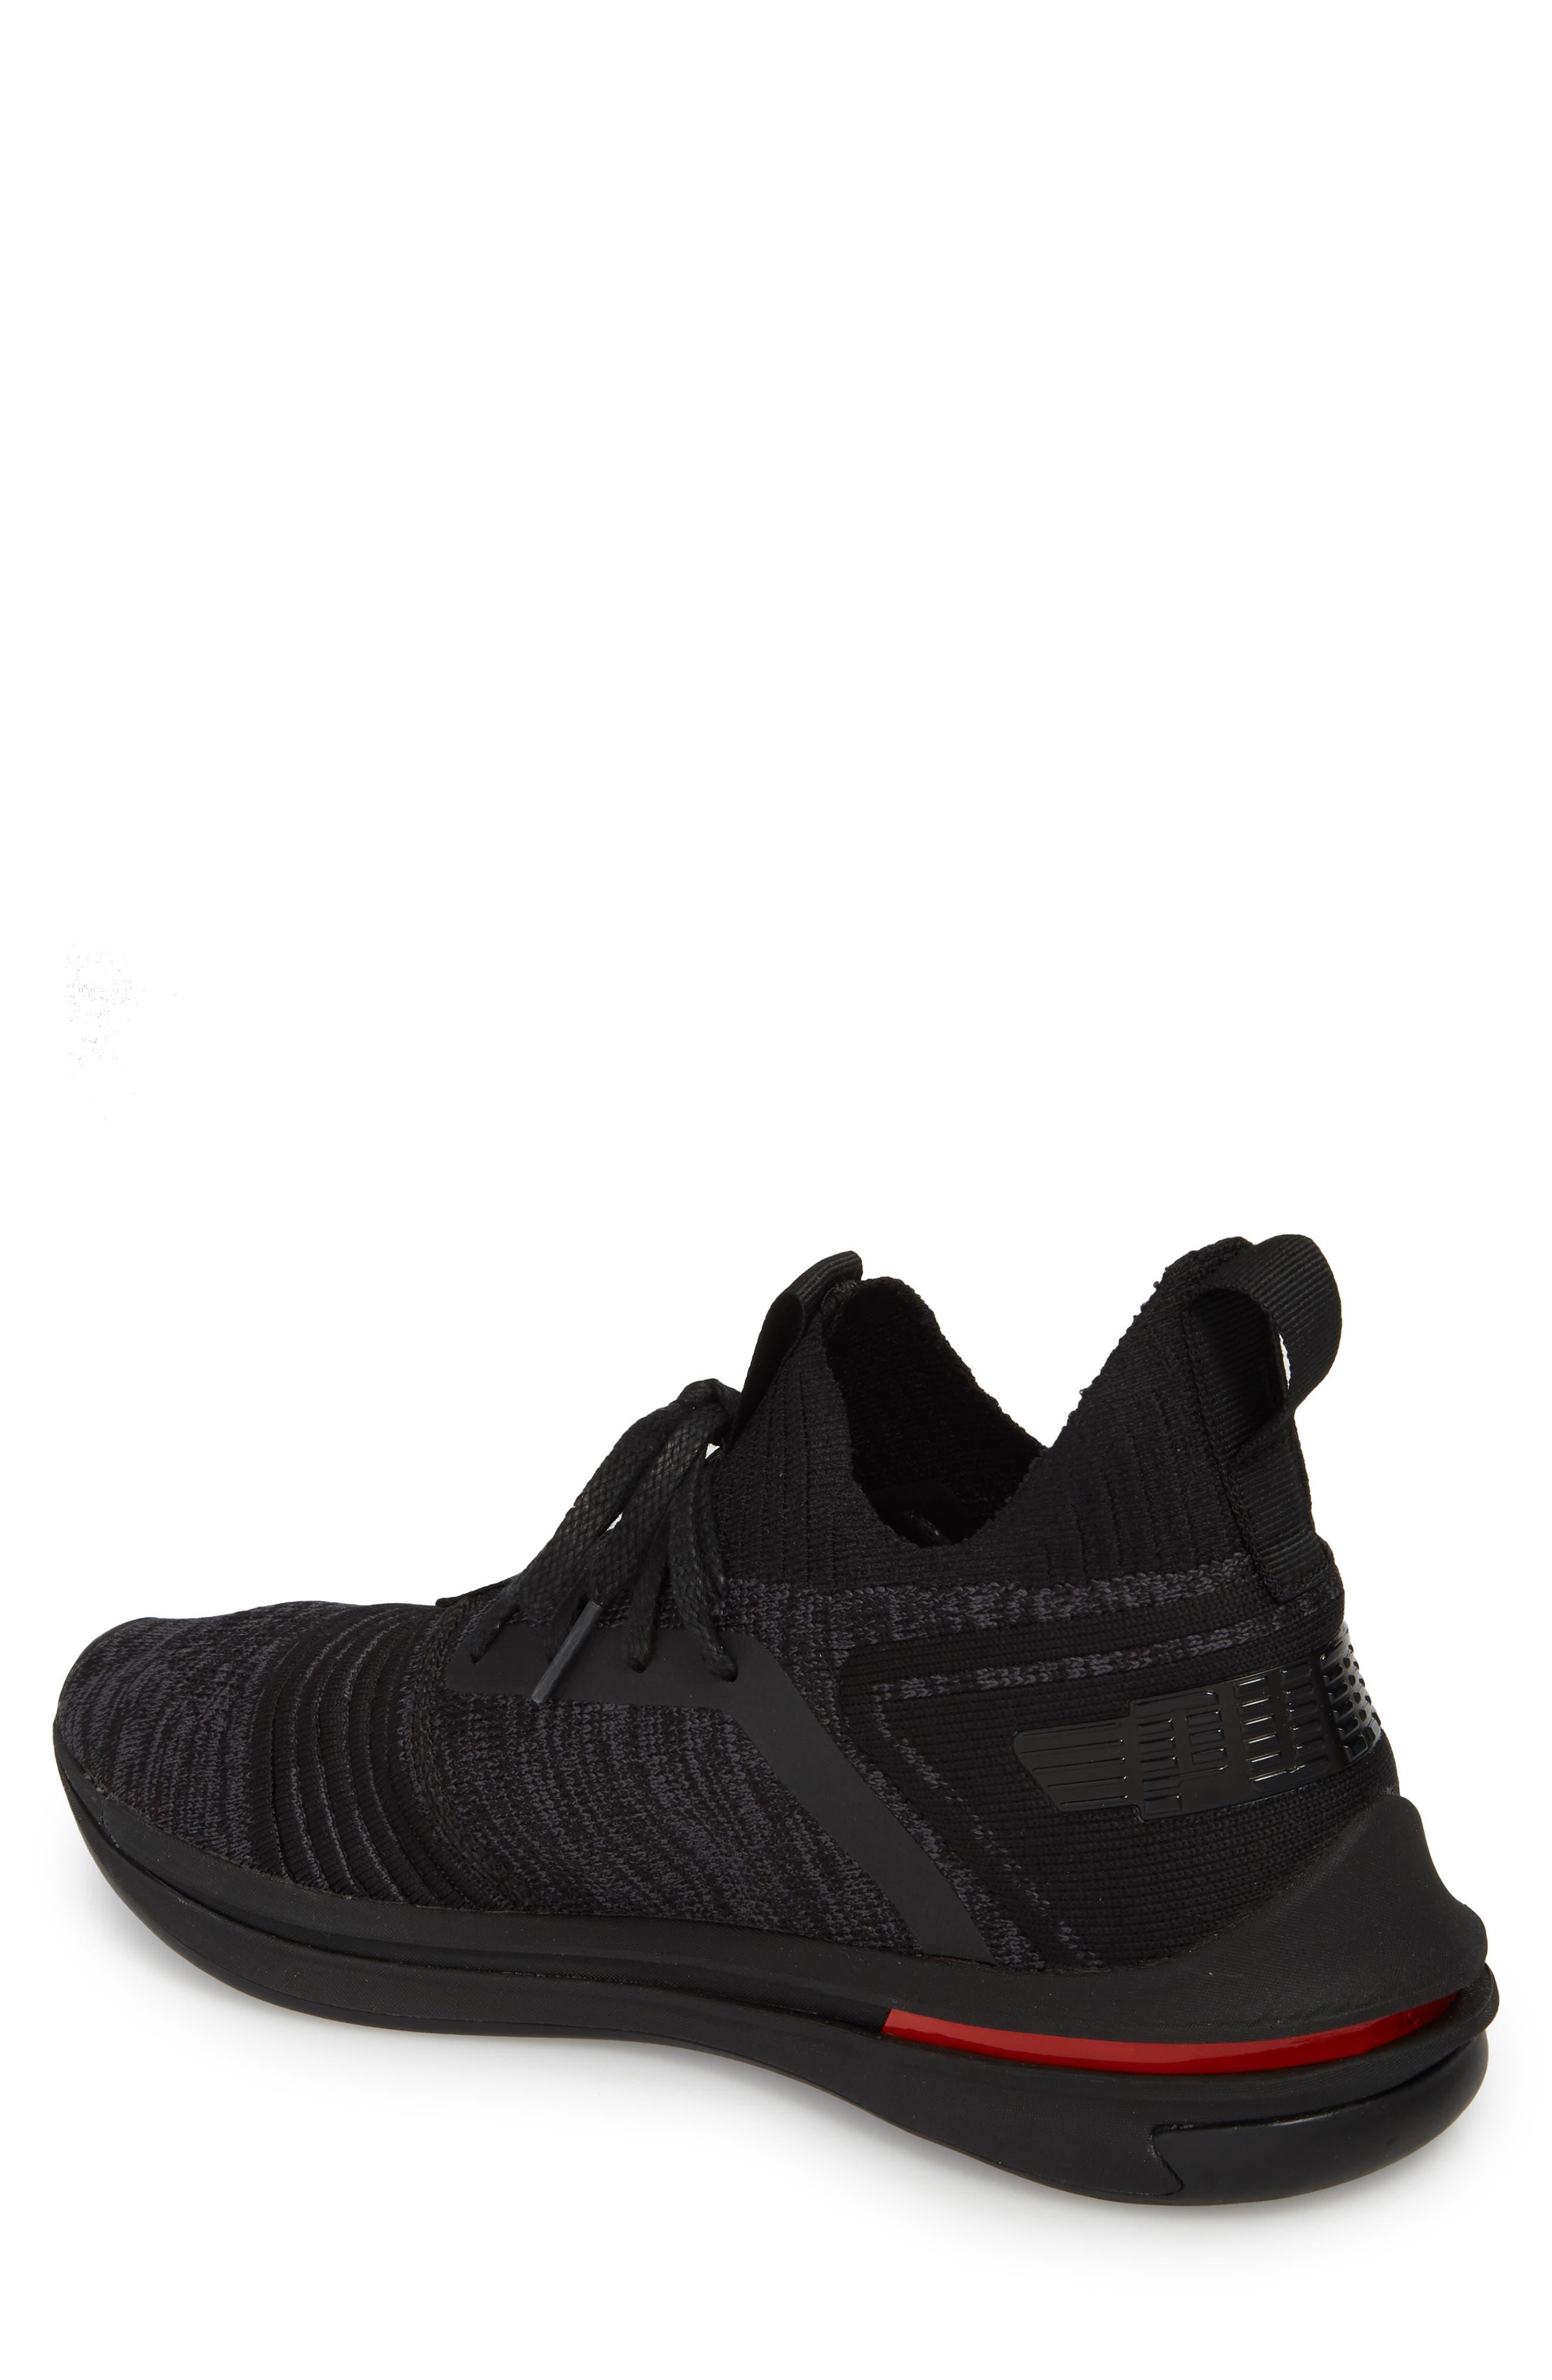 IGNITE Limitless SR evoKNIT Sneaker,                             Alternate thumbnail 2, color,                             001